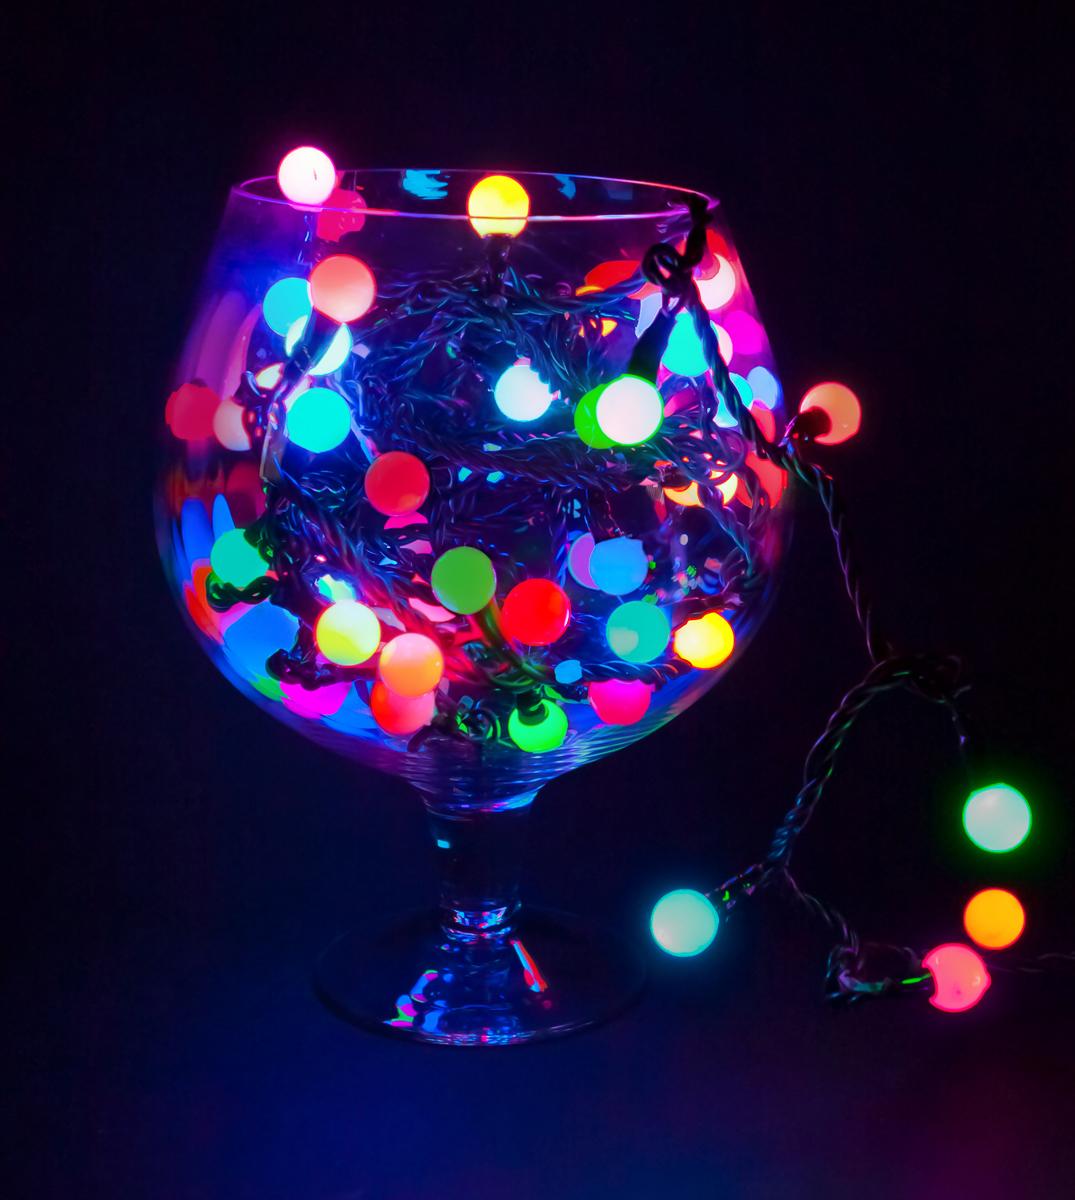 Гирлянда Neon-Night Мультишарики, светодиодная, 30 LED, диаметр 13 мм, цвет: темно-зеленый, красный, зеленый, 5 м215-032Гирлянда «Мультишарики» представляет собой электрический шнур, имеющий длину 5, 10 или 20 м, на котором располагаются сверх яркие светодиодные лампы, изготовленные в виде шариков с диаметром 1,3-4,5 см. Светодиоды по сравнению с миниатюрными лампами накаливания имеют целый ряд существенных преимуществ. Их отличает чистое и яркое свечение, огромный ресурс, прочность, незначительное потребление энергии, надежность. Гирлянда Мультишарики обладает эффектом смены цветов. Такая гирлянда позволяет получить неповторимые светодинамические картины, коренным образом отличающиеся от существующих сегодня типов световых эффектов. Гирлянда «Мультишарики» великолепно подходит для украшения помещений, интерьерных елок, превращая их в настоящие произведения искусства. Данная гирлянда имеет длину 5м на которой расположено 30 шариков диаметром 13мм с цветом свечения светодиодов RGB.